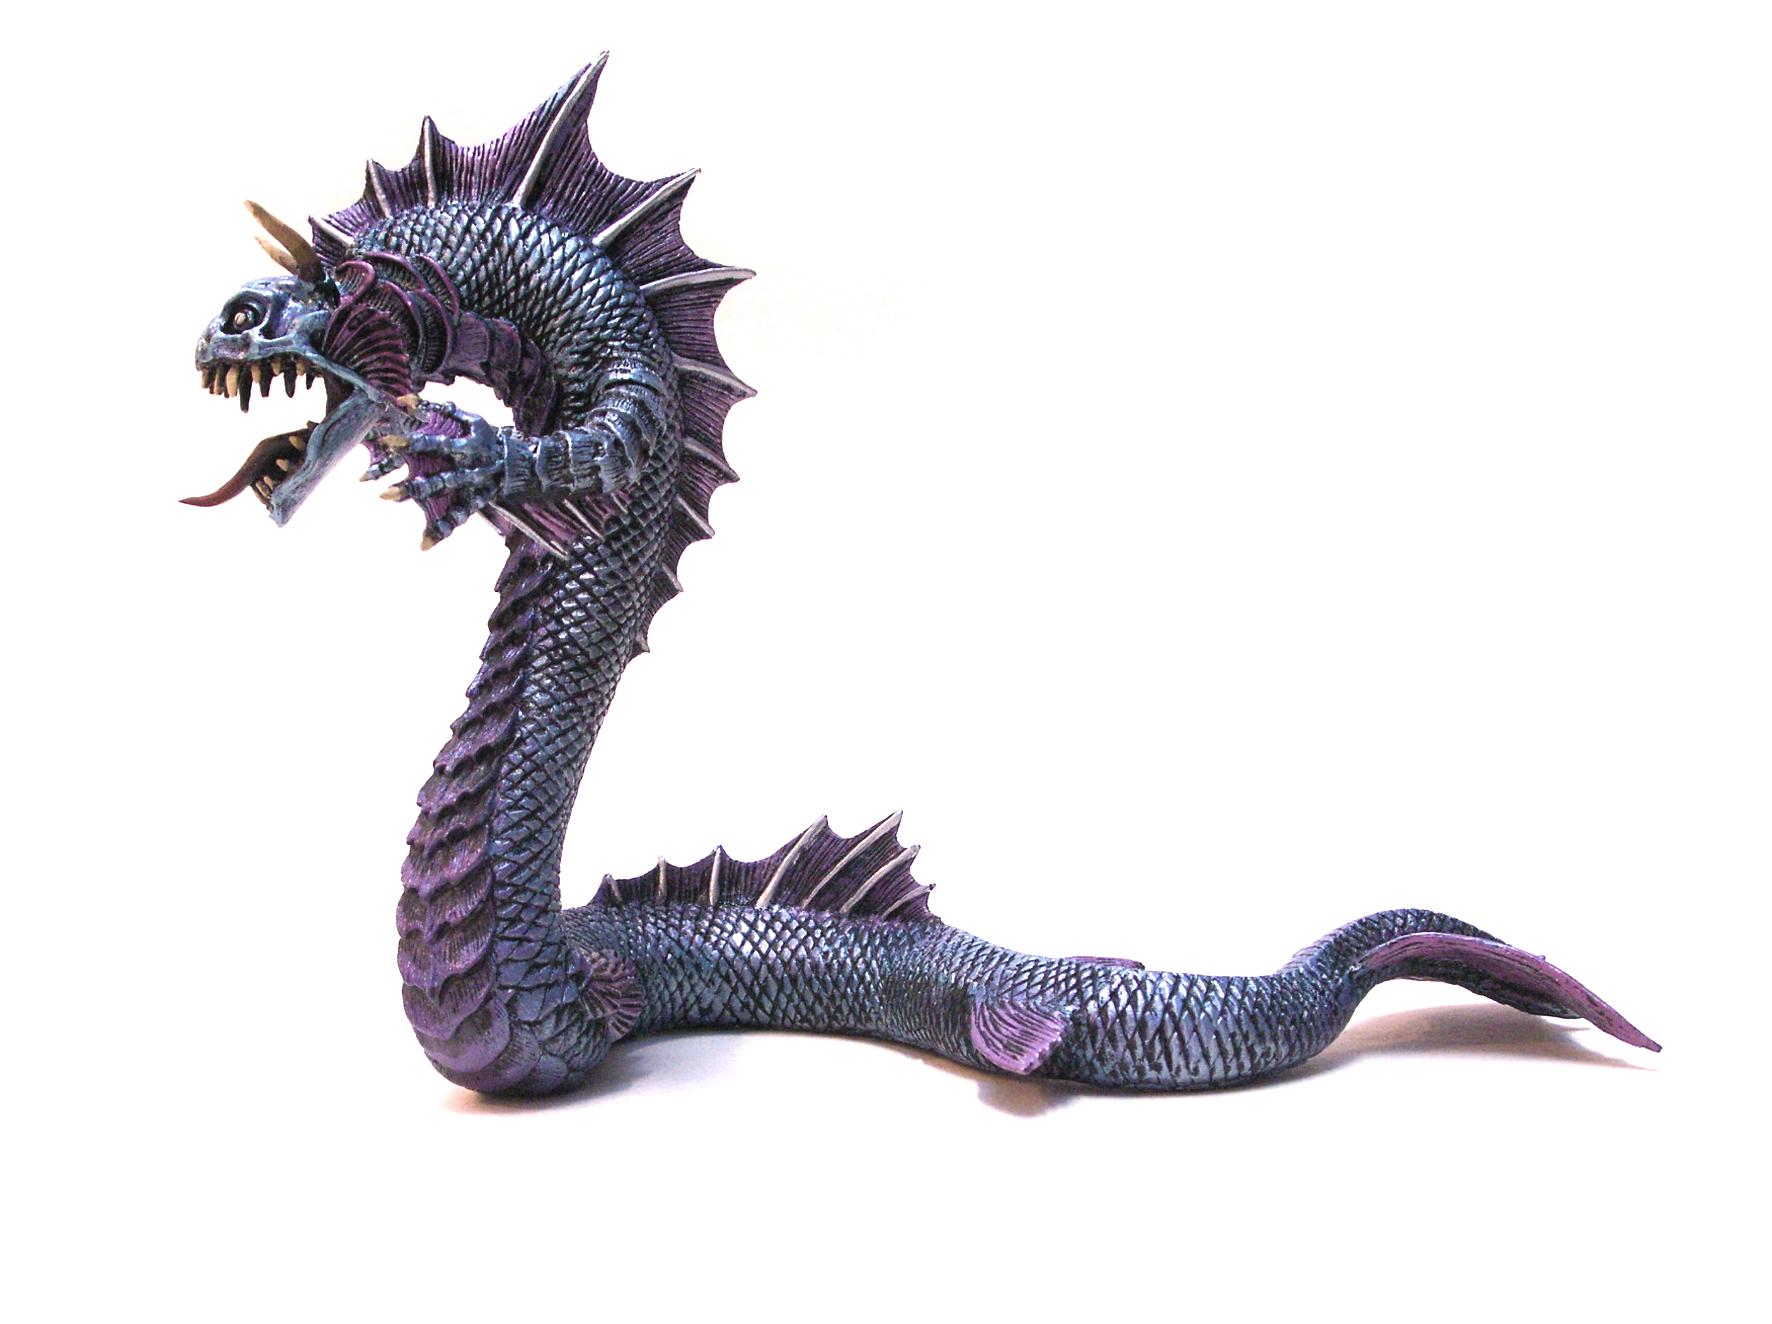 P60239 Drachen - Seeungeheuer, silber - blau - AXSE - Die